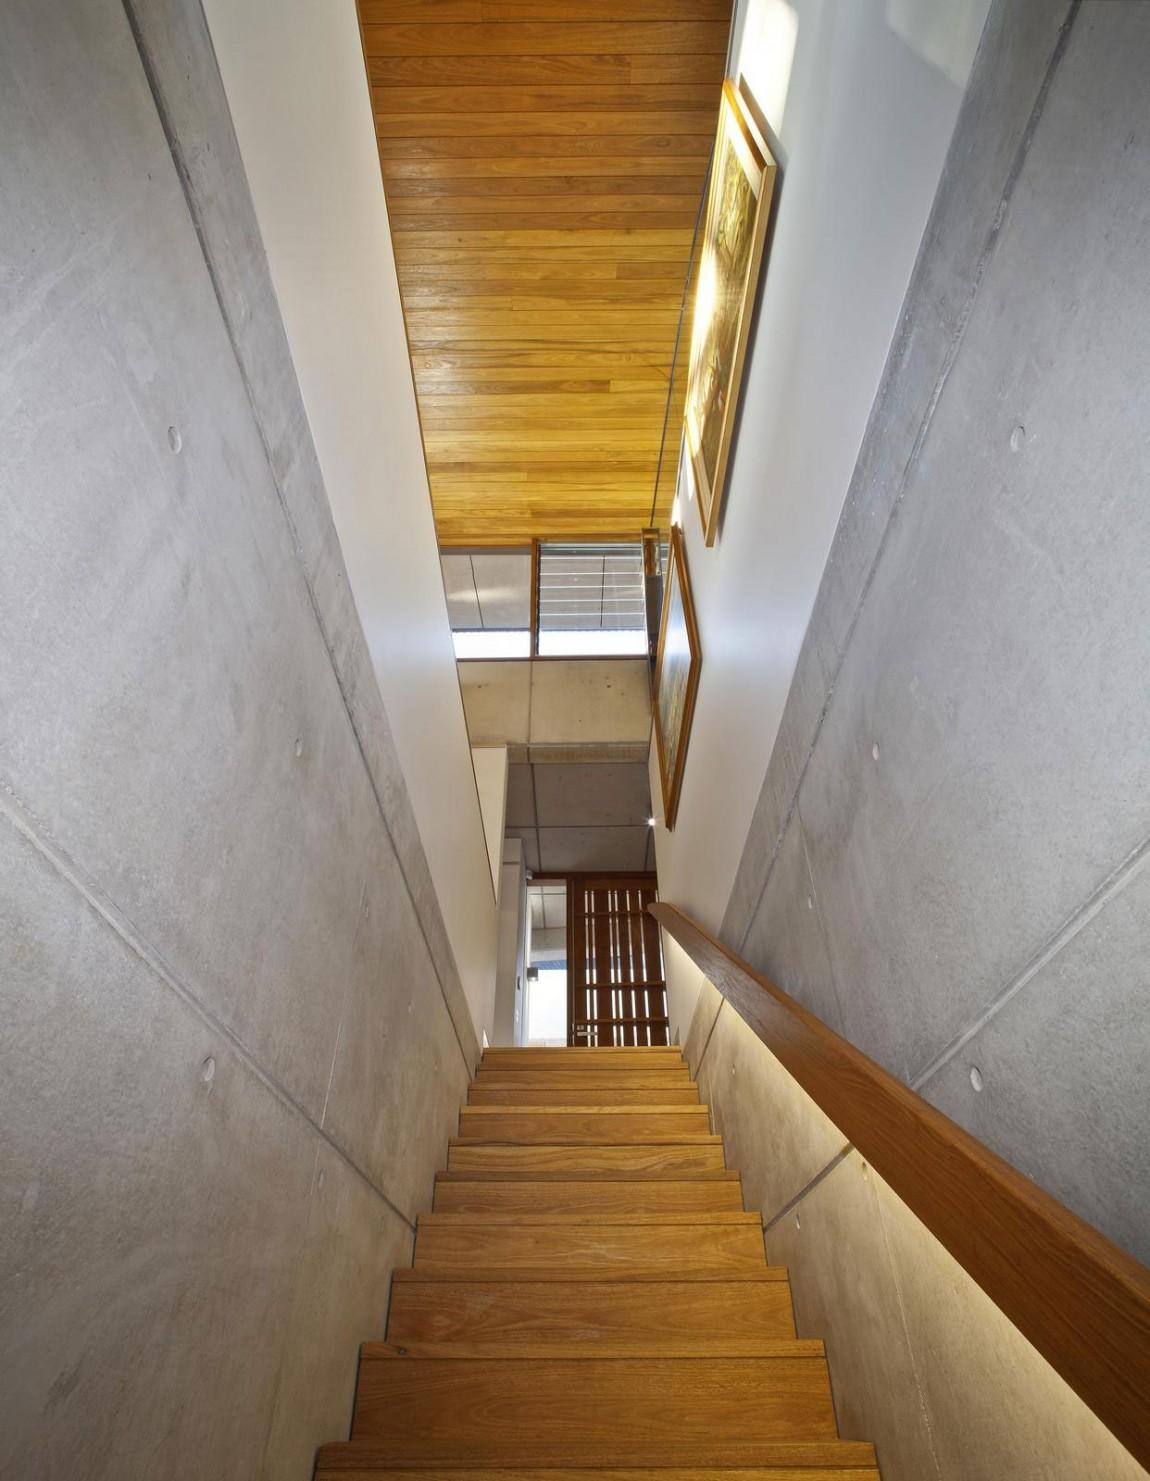 Деревянная лестница в интерьере - Фото 4